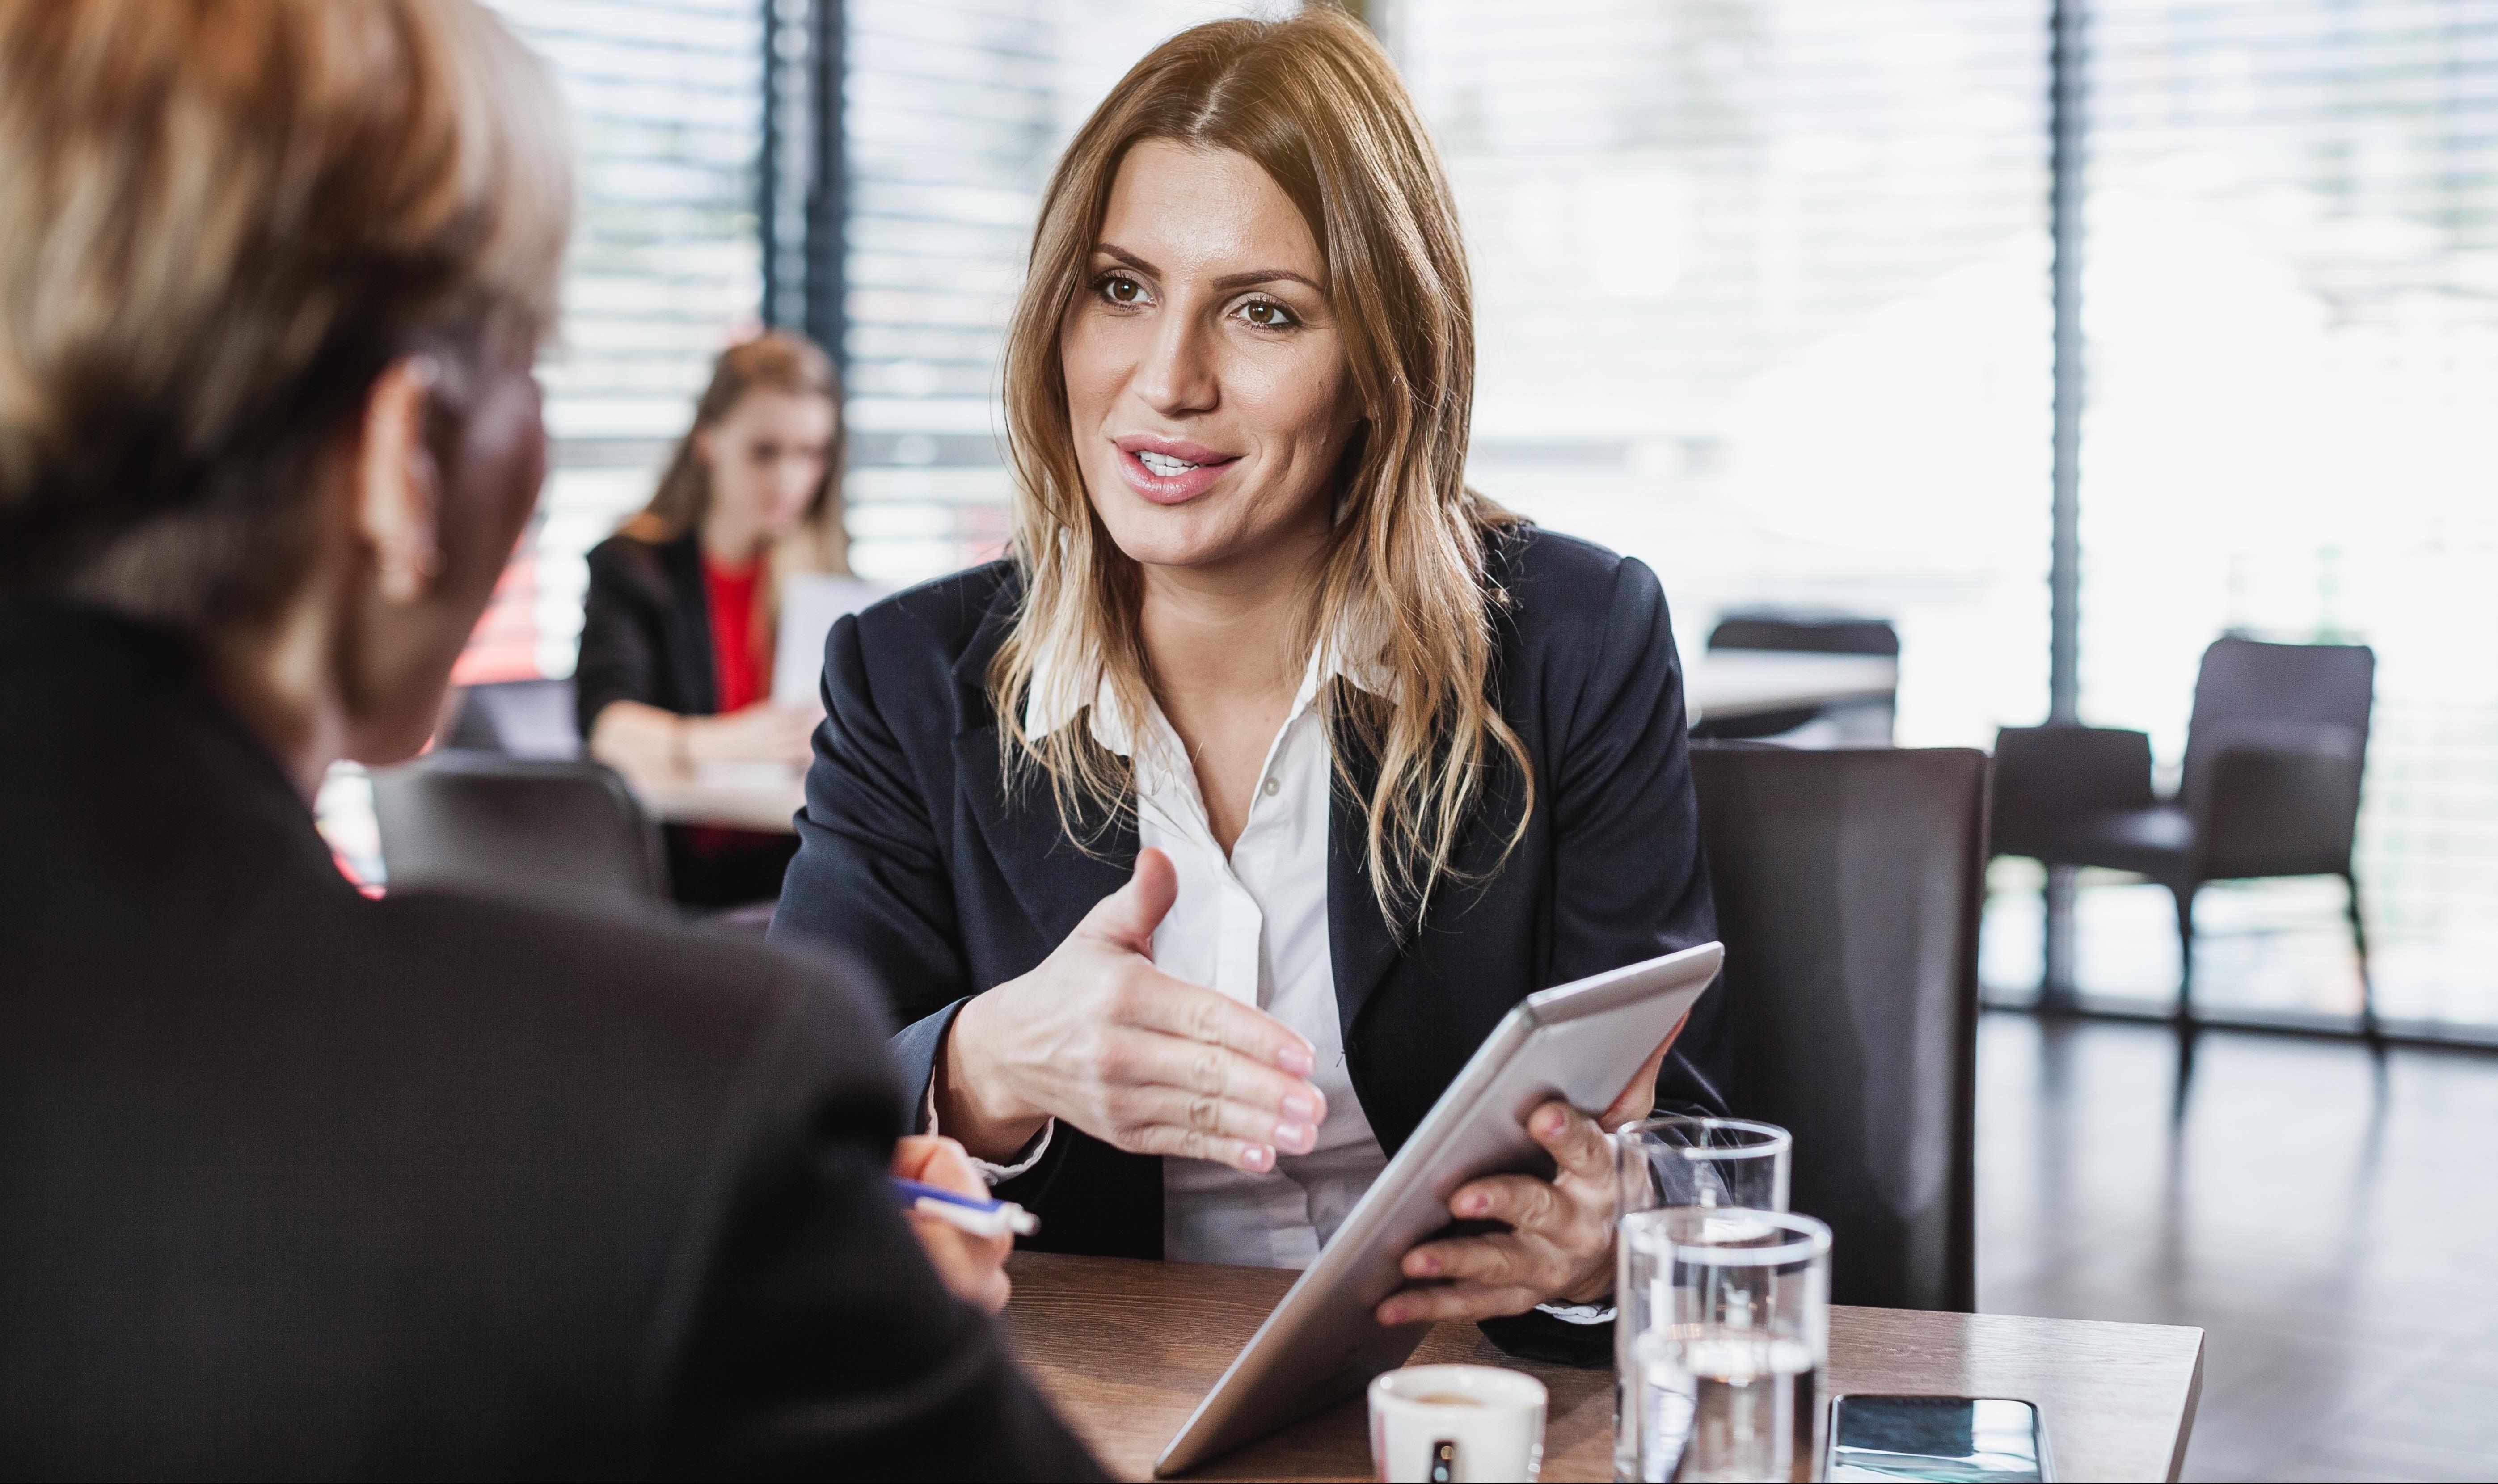 Zwei Geschäftsfrauen unterhalten sich in einem Cafe